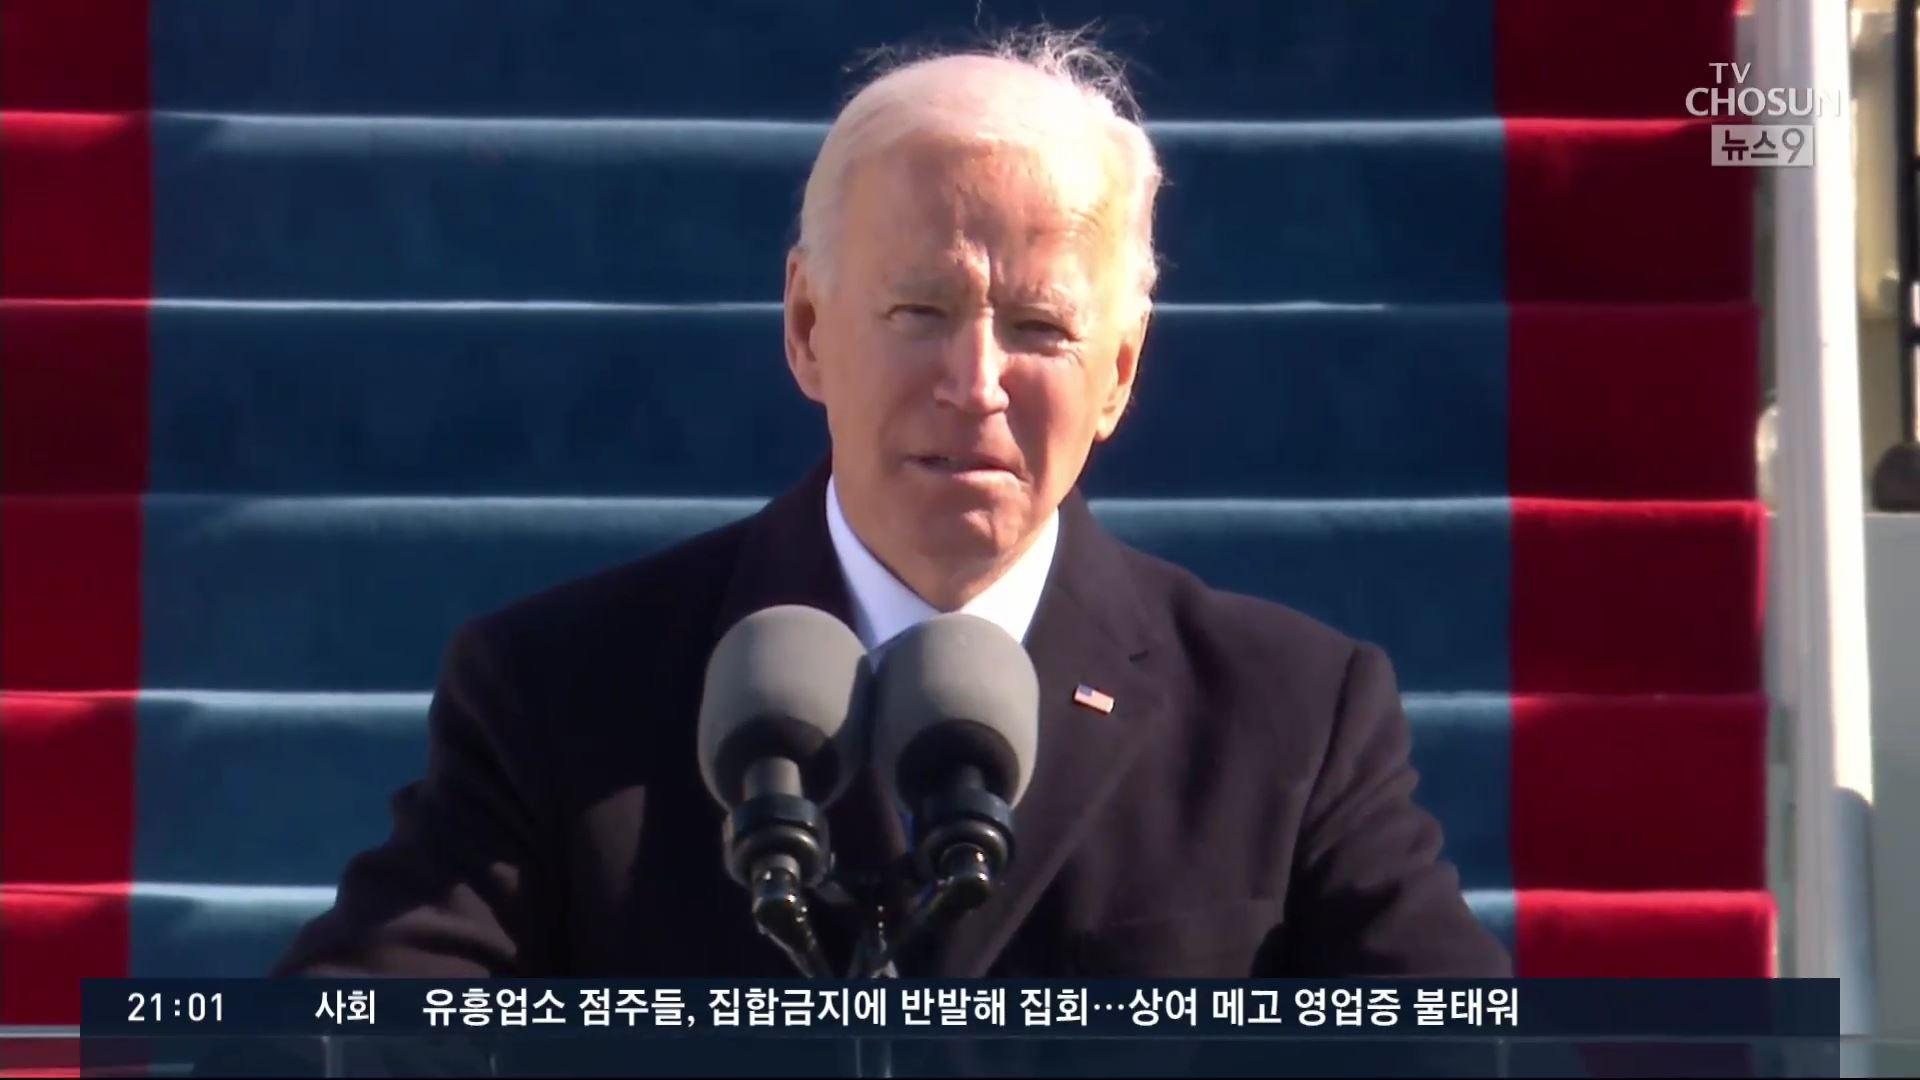 美 우선주의 버리고 '통합·동맹 복원'…'트럼프 지우기' 돌입